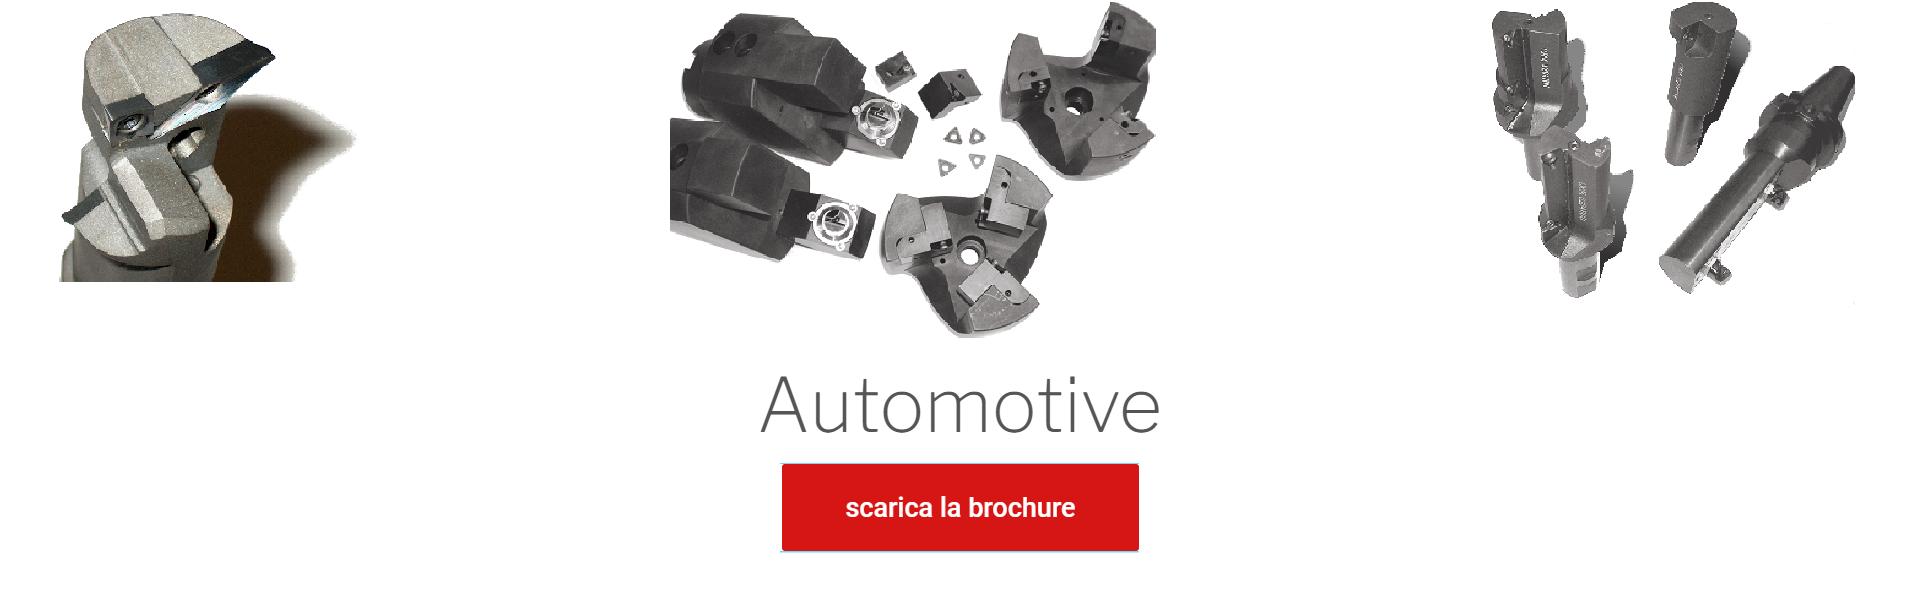 Slide_automotivetxt